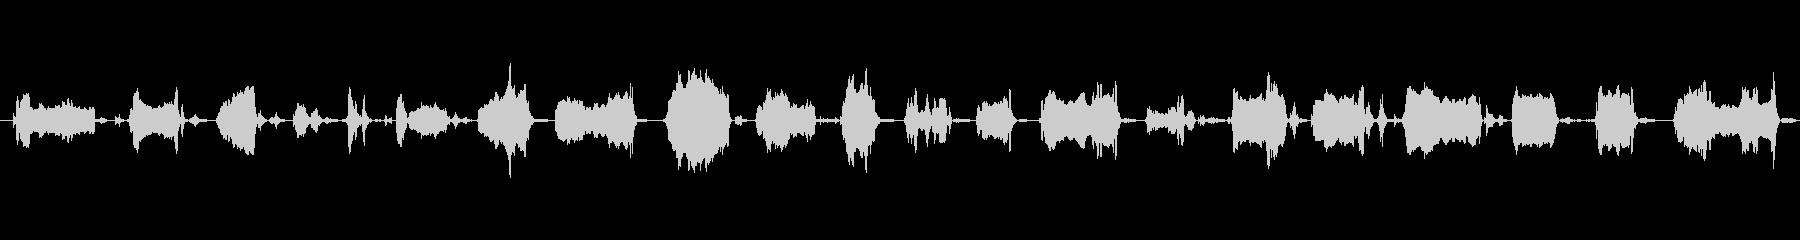 犬 GSP ワイン・ロング01の未再生の波形